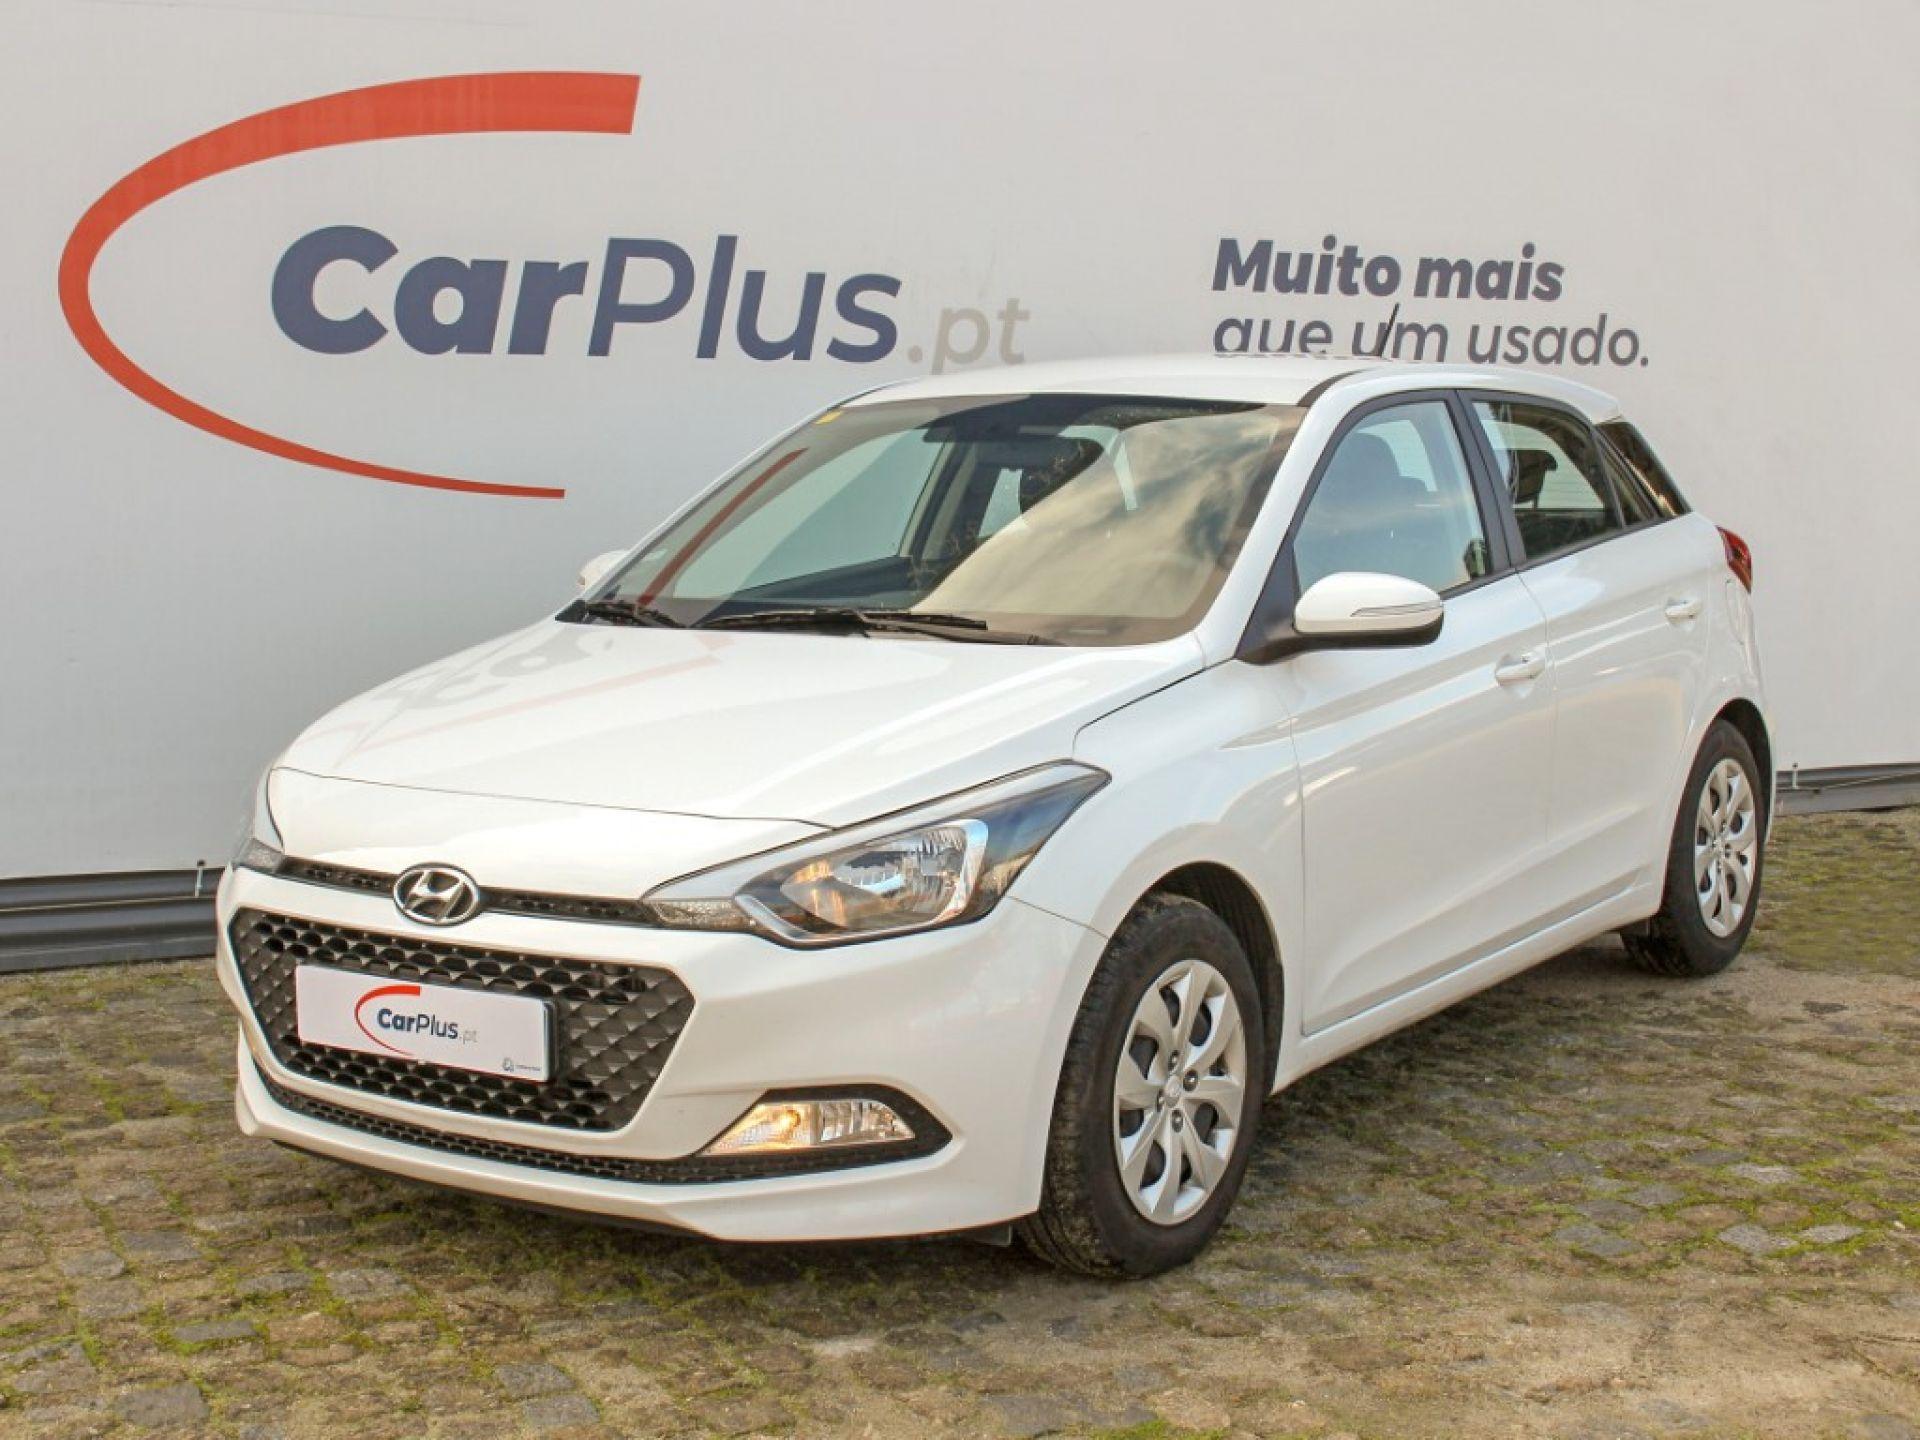 Hyundai i20 1.1 CRDi 75Cv Access+Bth+Comandos segunda mão Braga